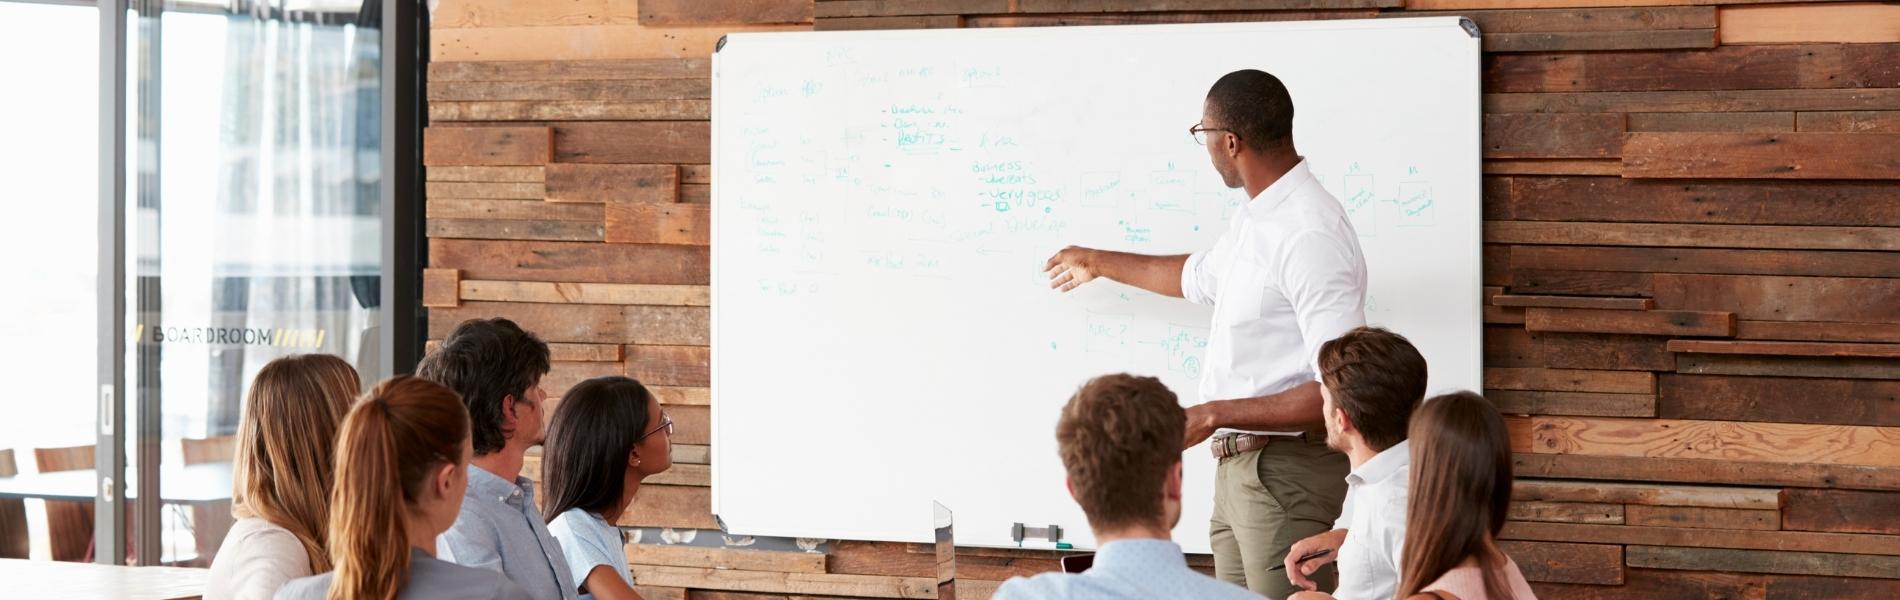 Comment structurer une présentation efficace